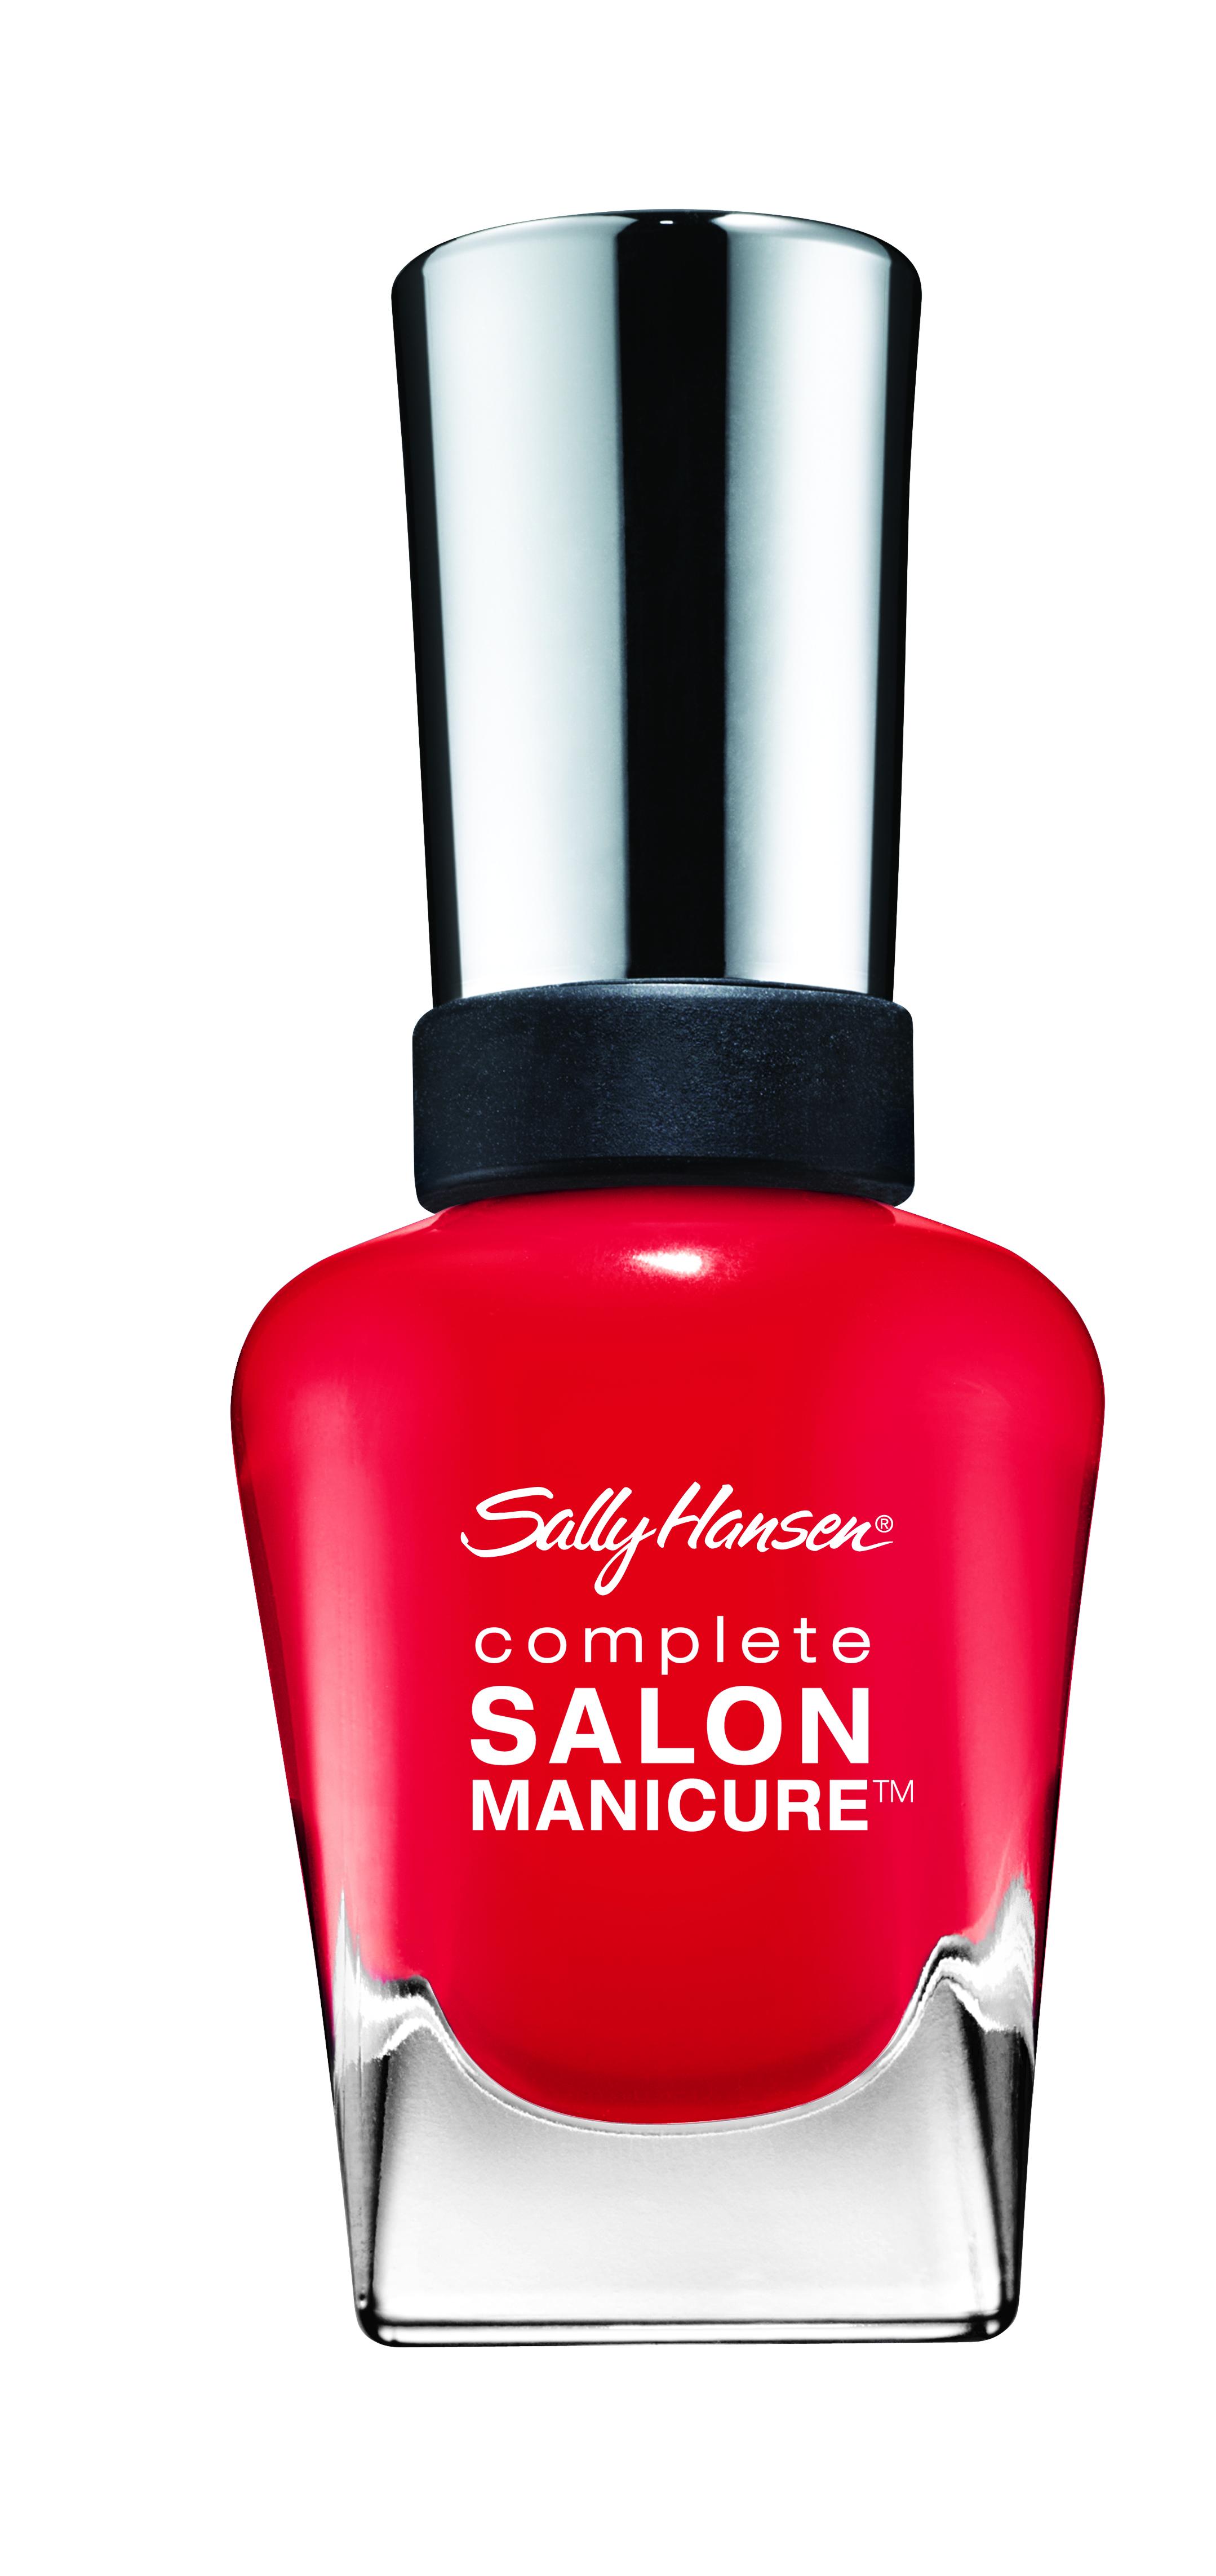 sally hansen complete salon manicure delivers 7 benefits. Black Bedroom Furniture Sets. Home Design Ideas